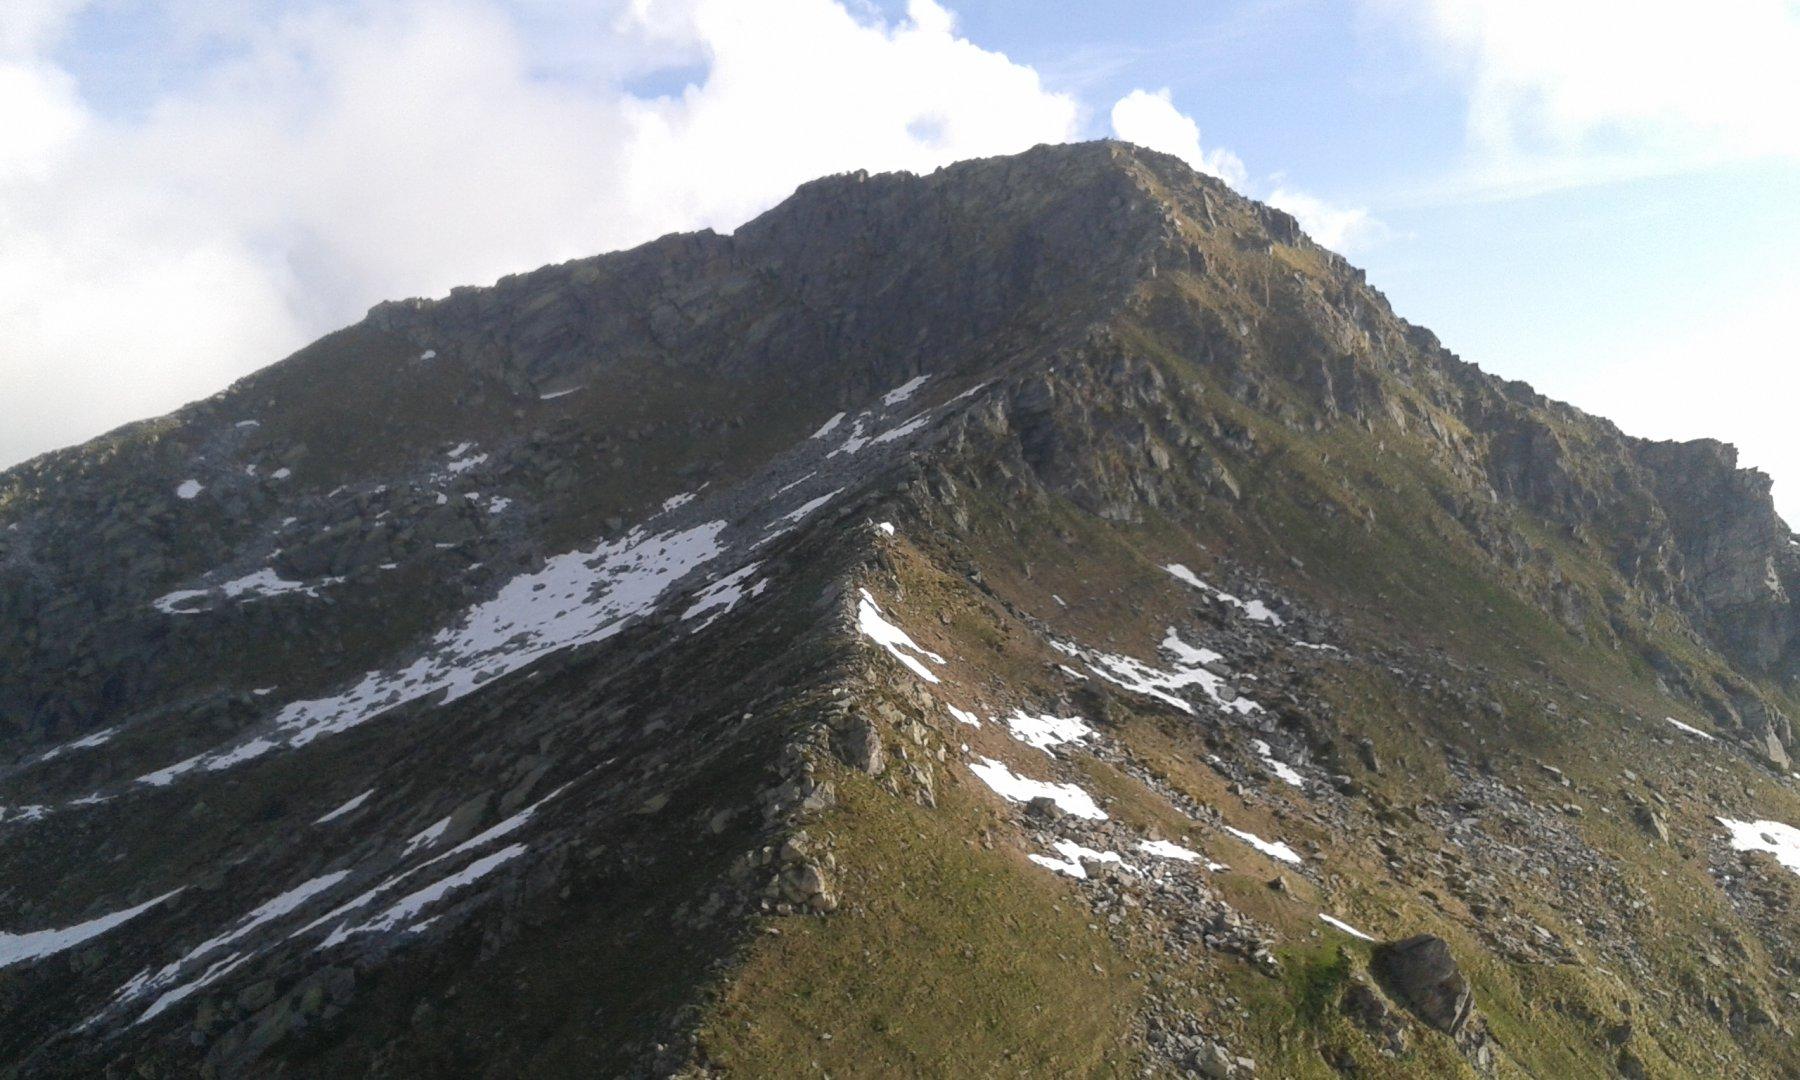 Gronda (Cimone della) da Rassa, anello per Passo della Gronda e Val Sorba 2017-06-03